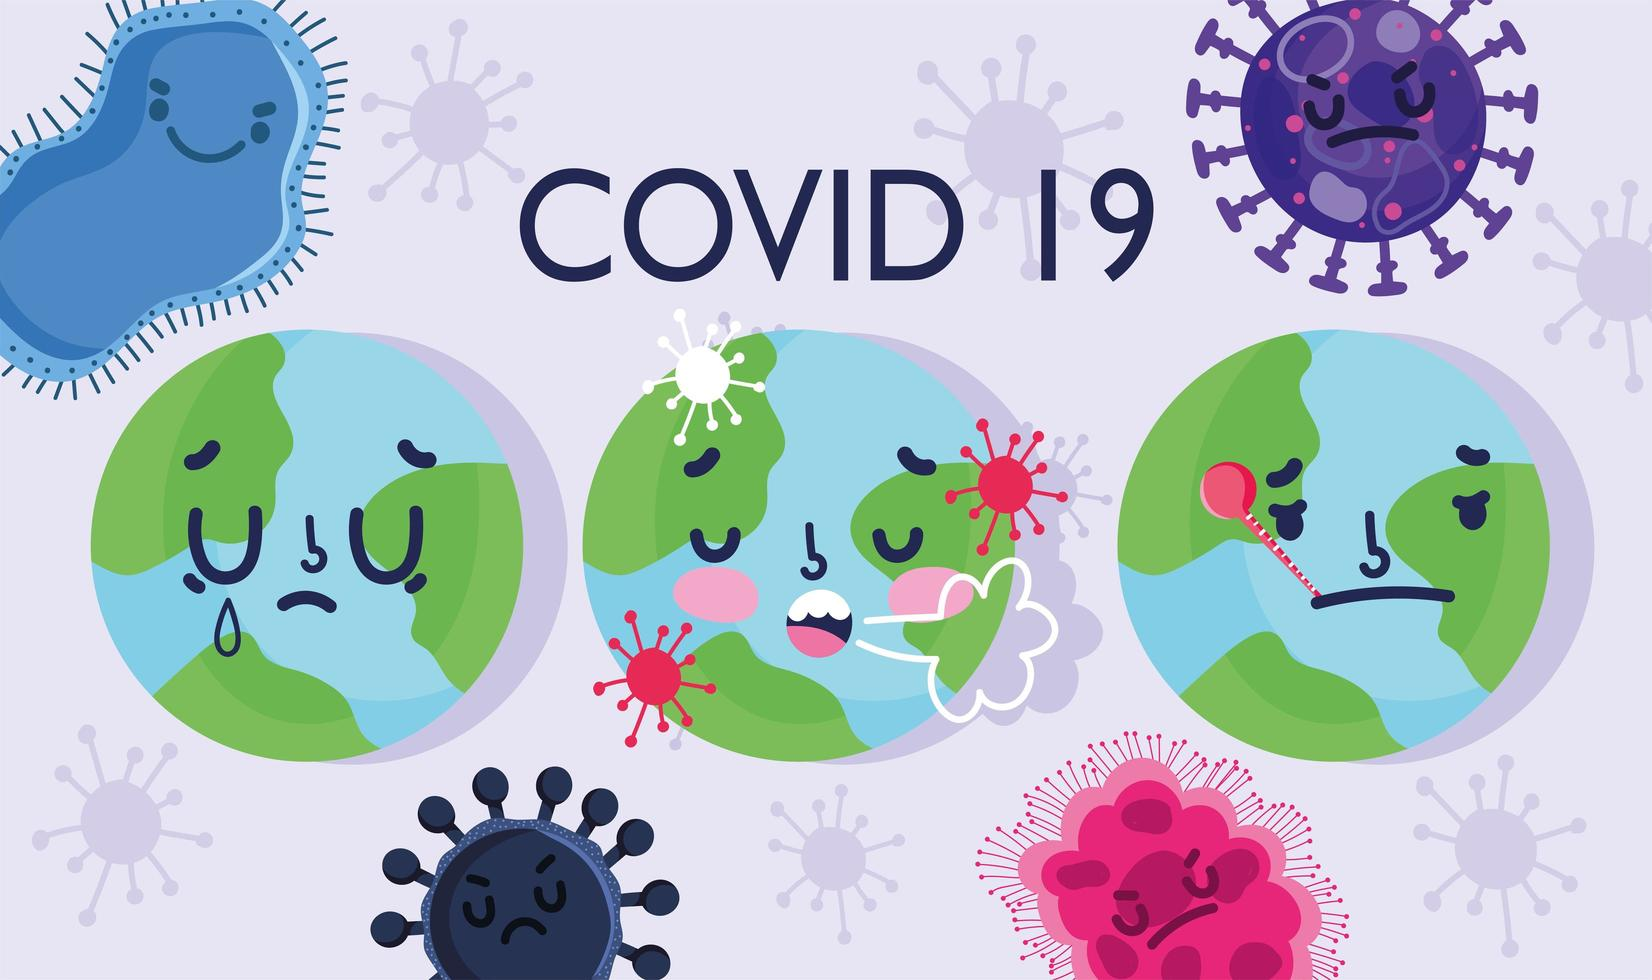 covid 19 virus pandemic affisch design med världar vektor